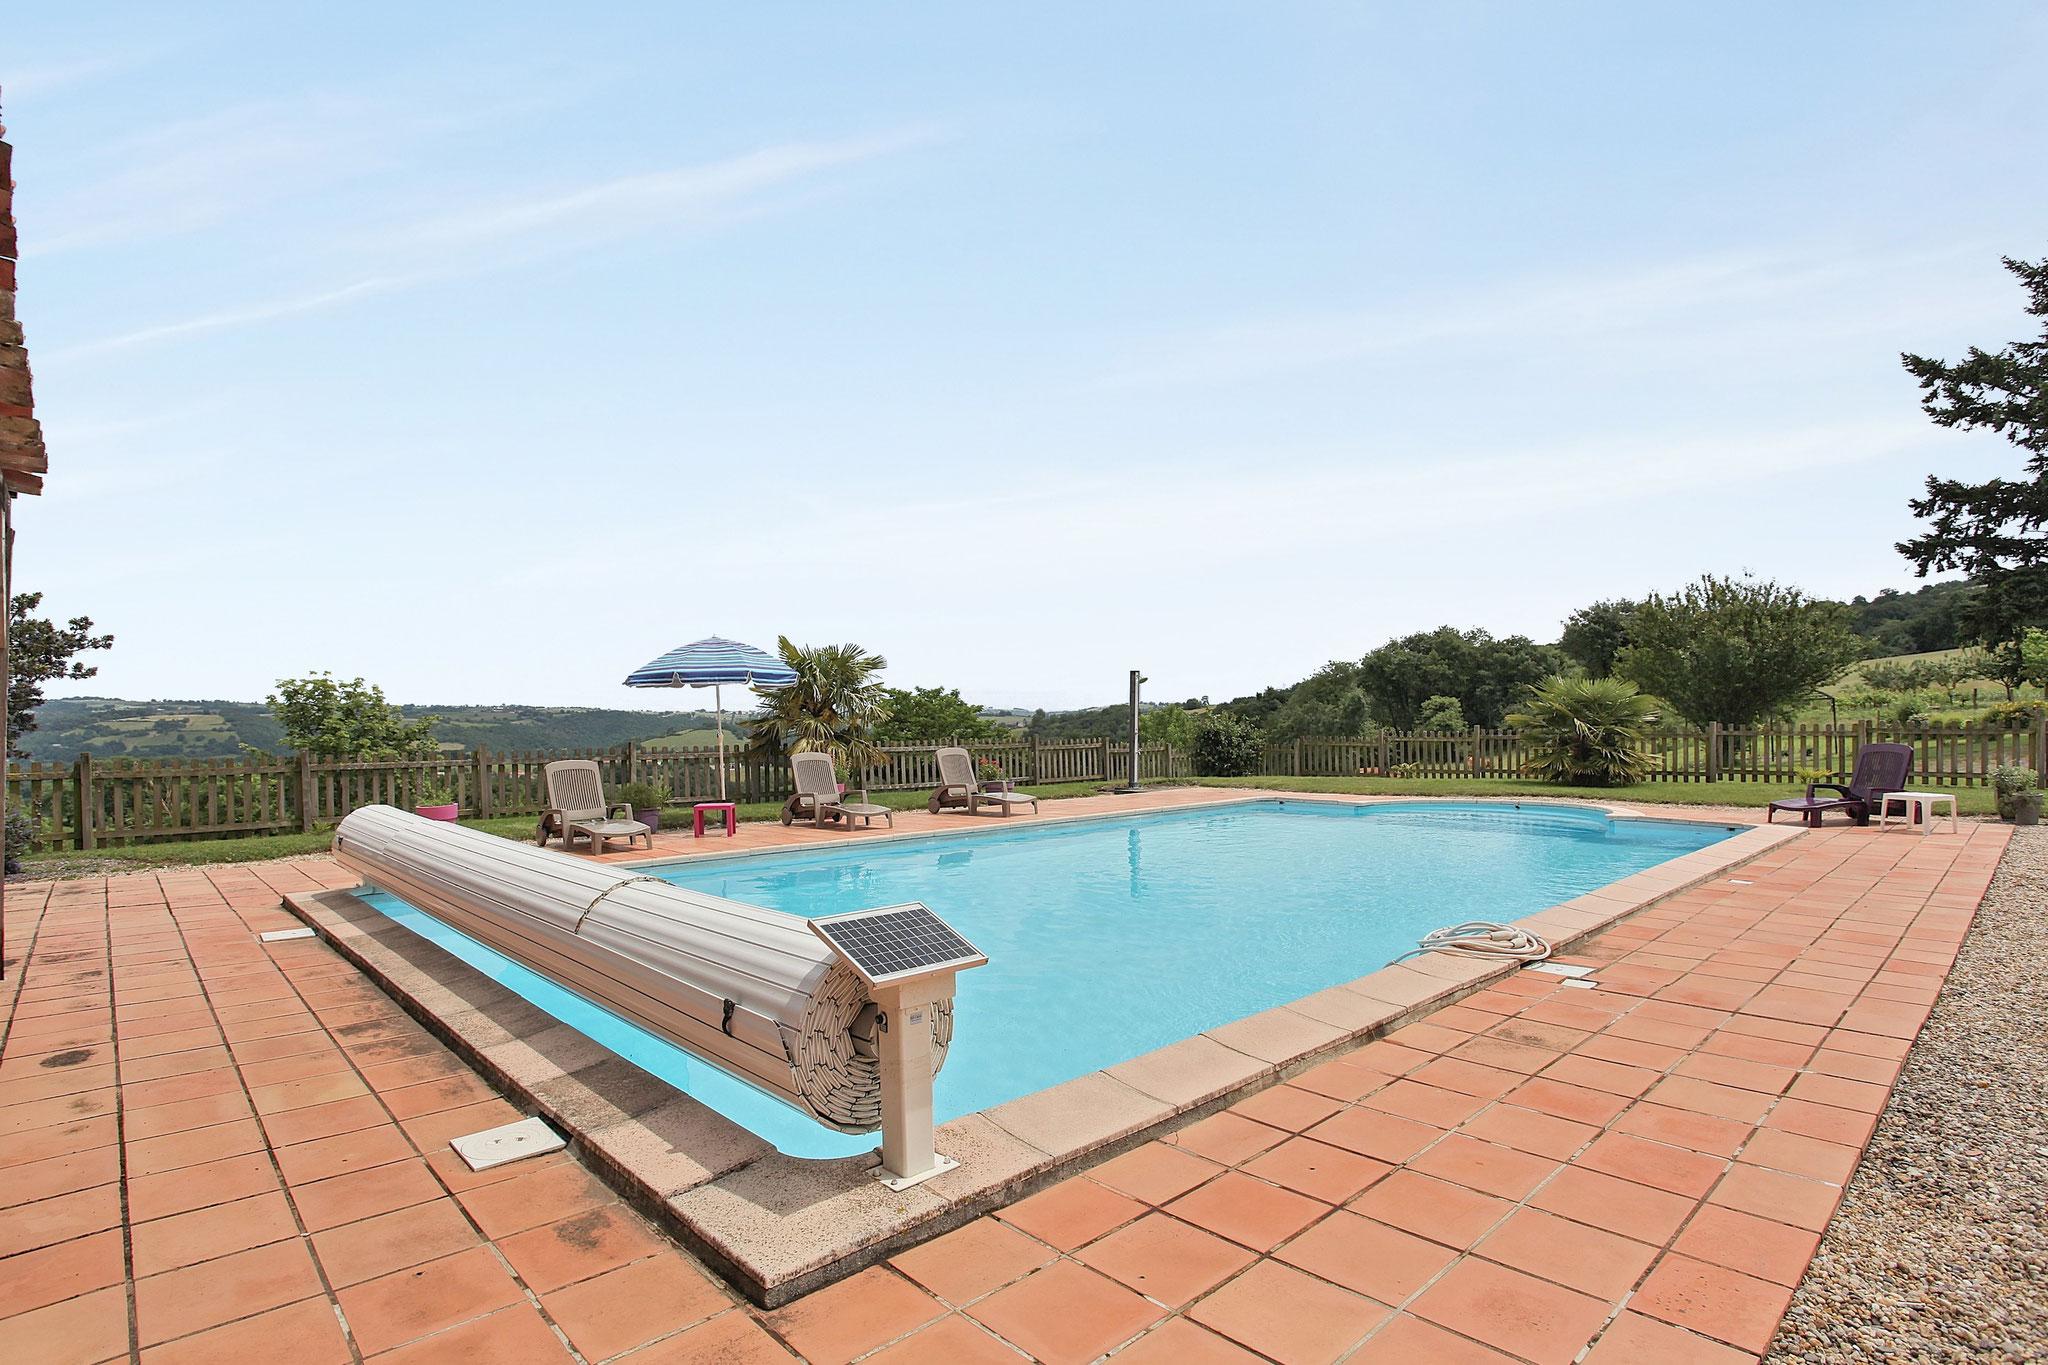 piscine Peyrecout Tarn Cordes sur ciel Albi